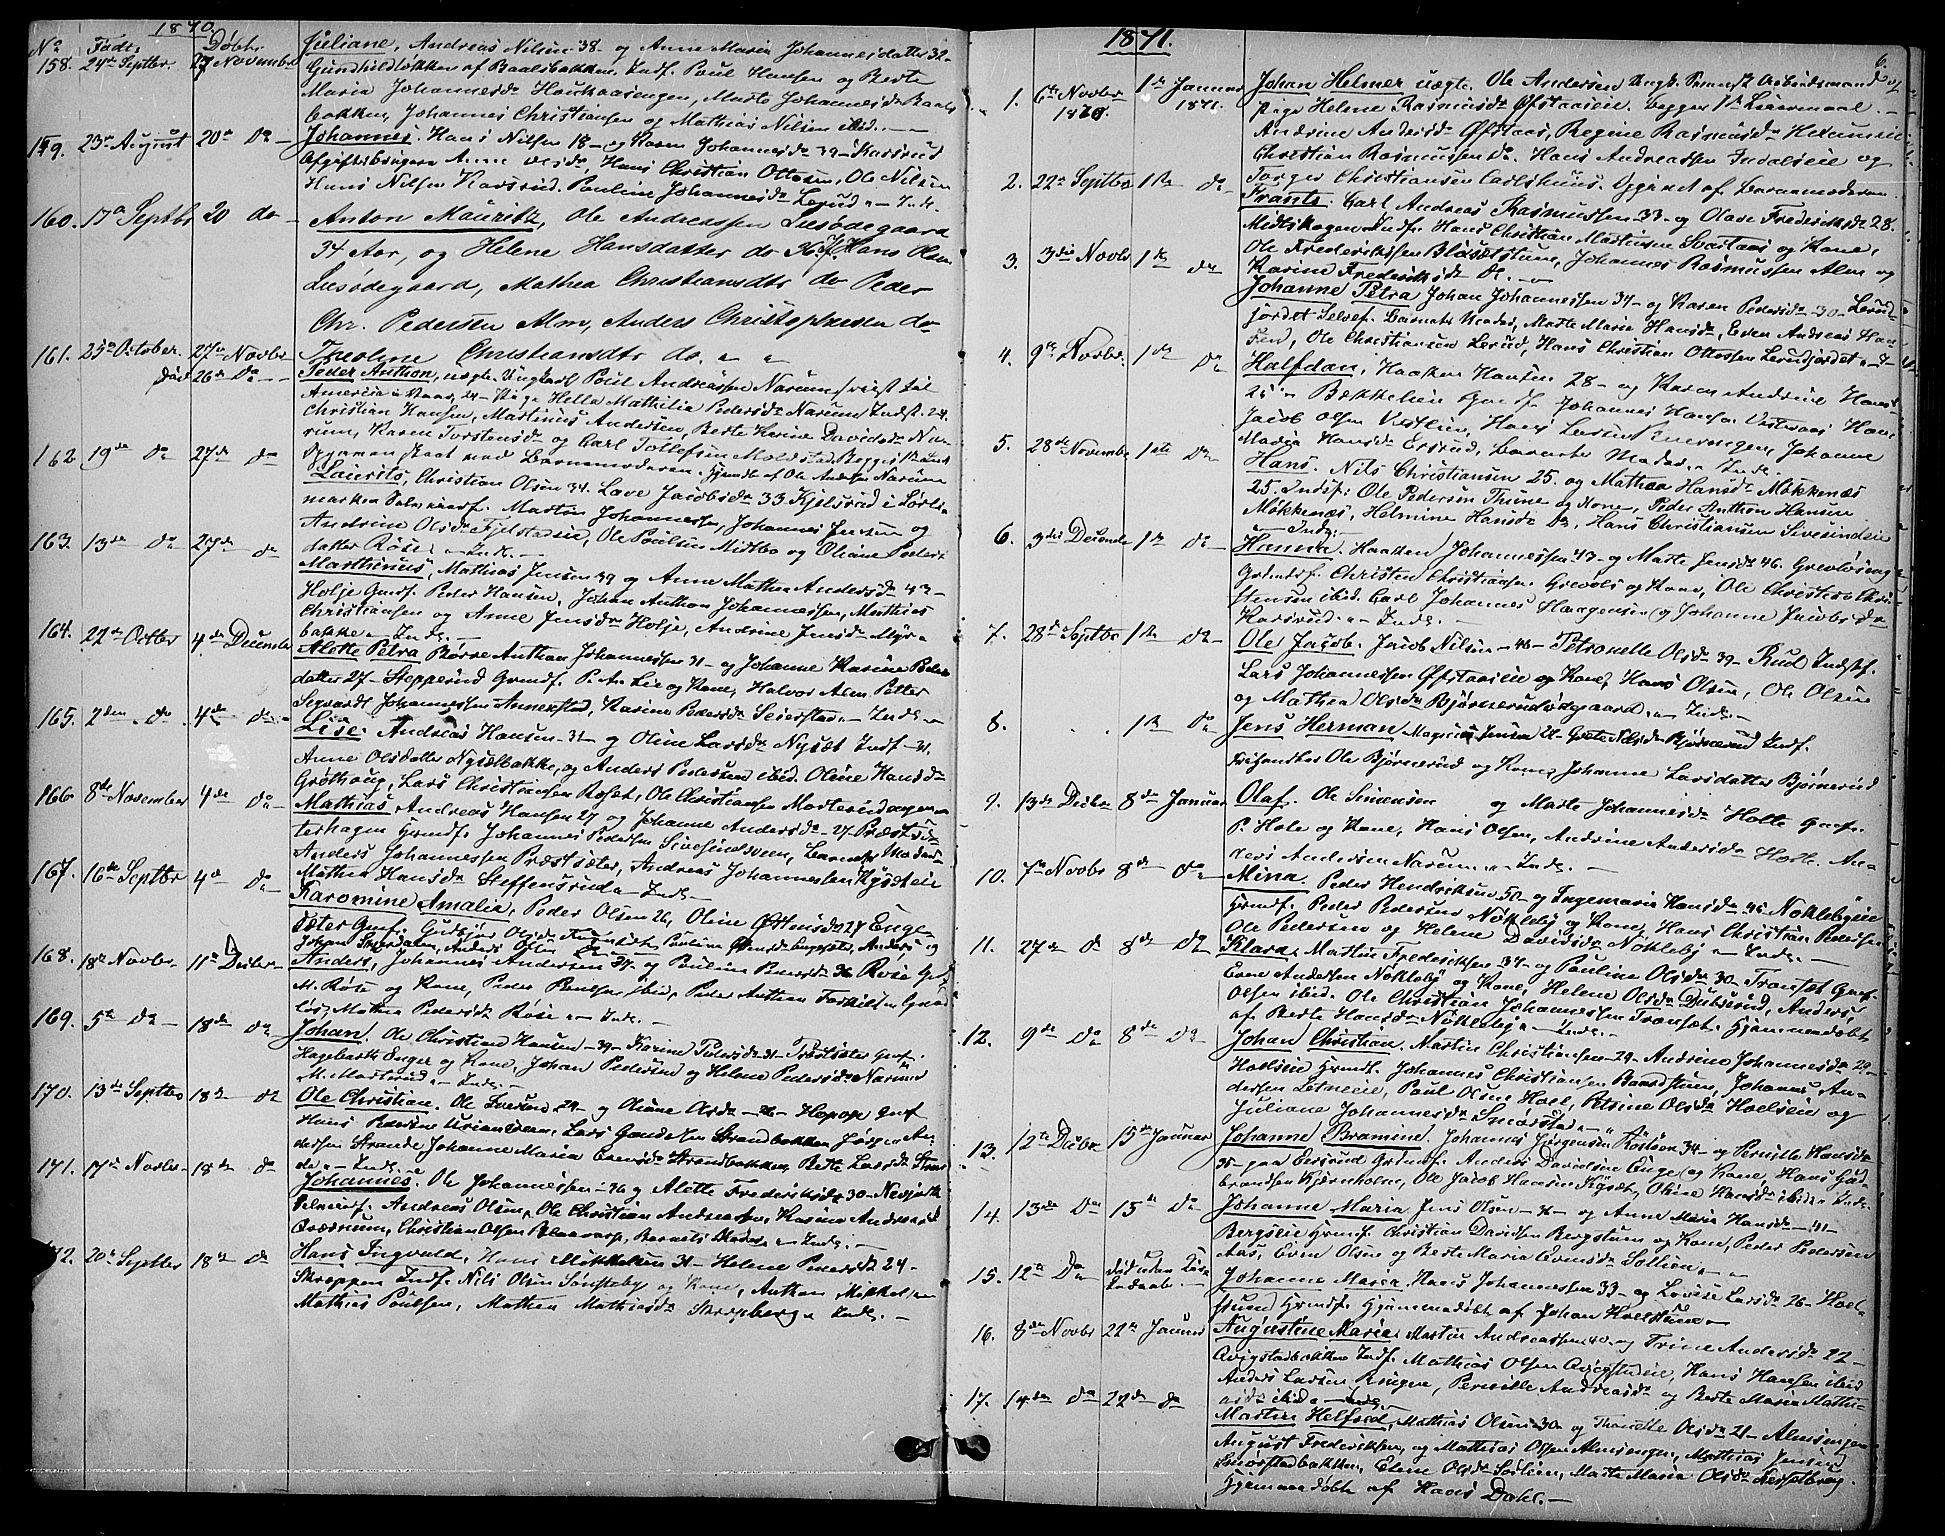 SAH, Vestre Toten prestekontor, H/Ha/Hab/L0006: Klokkerbok nr. 6, 1870-1887, s. 6